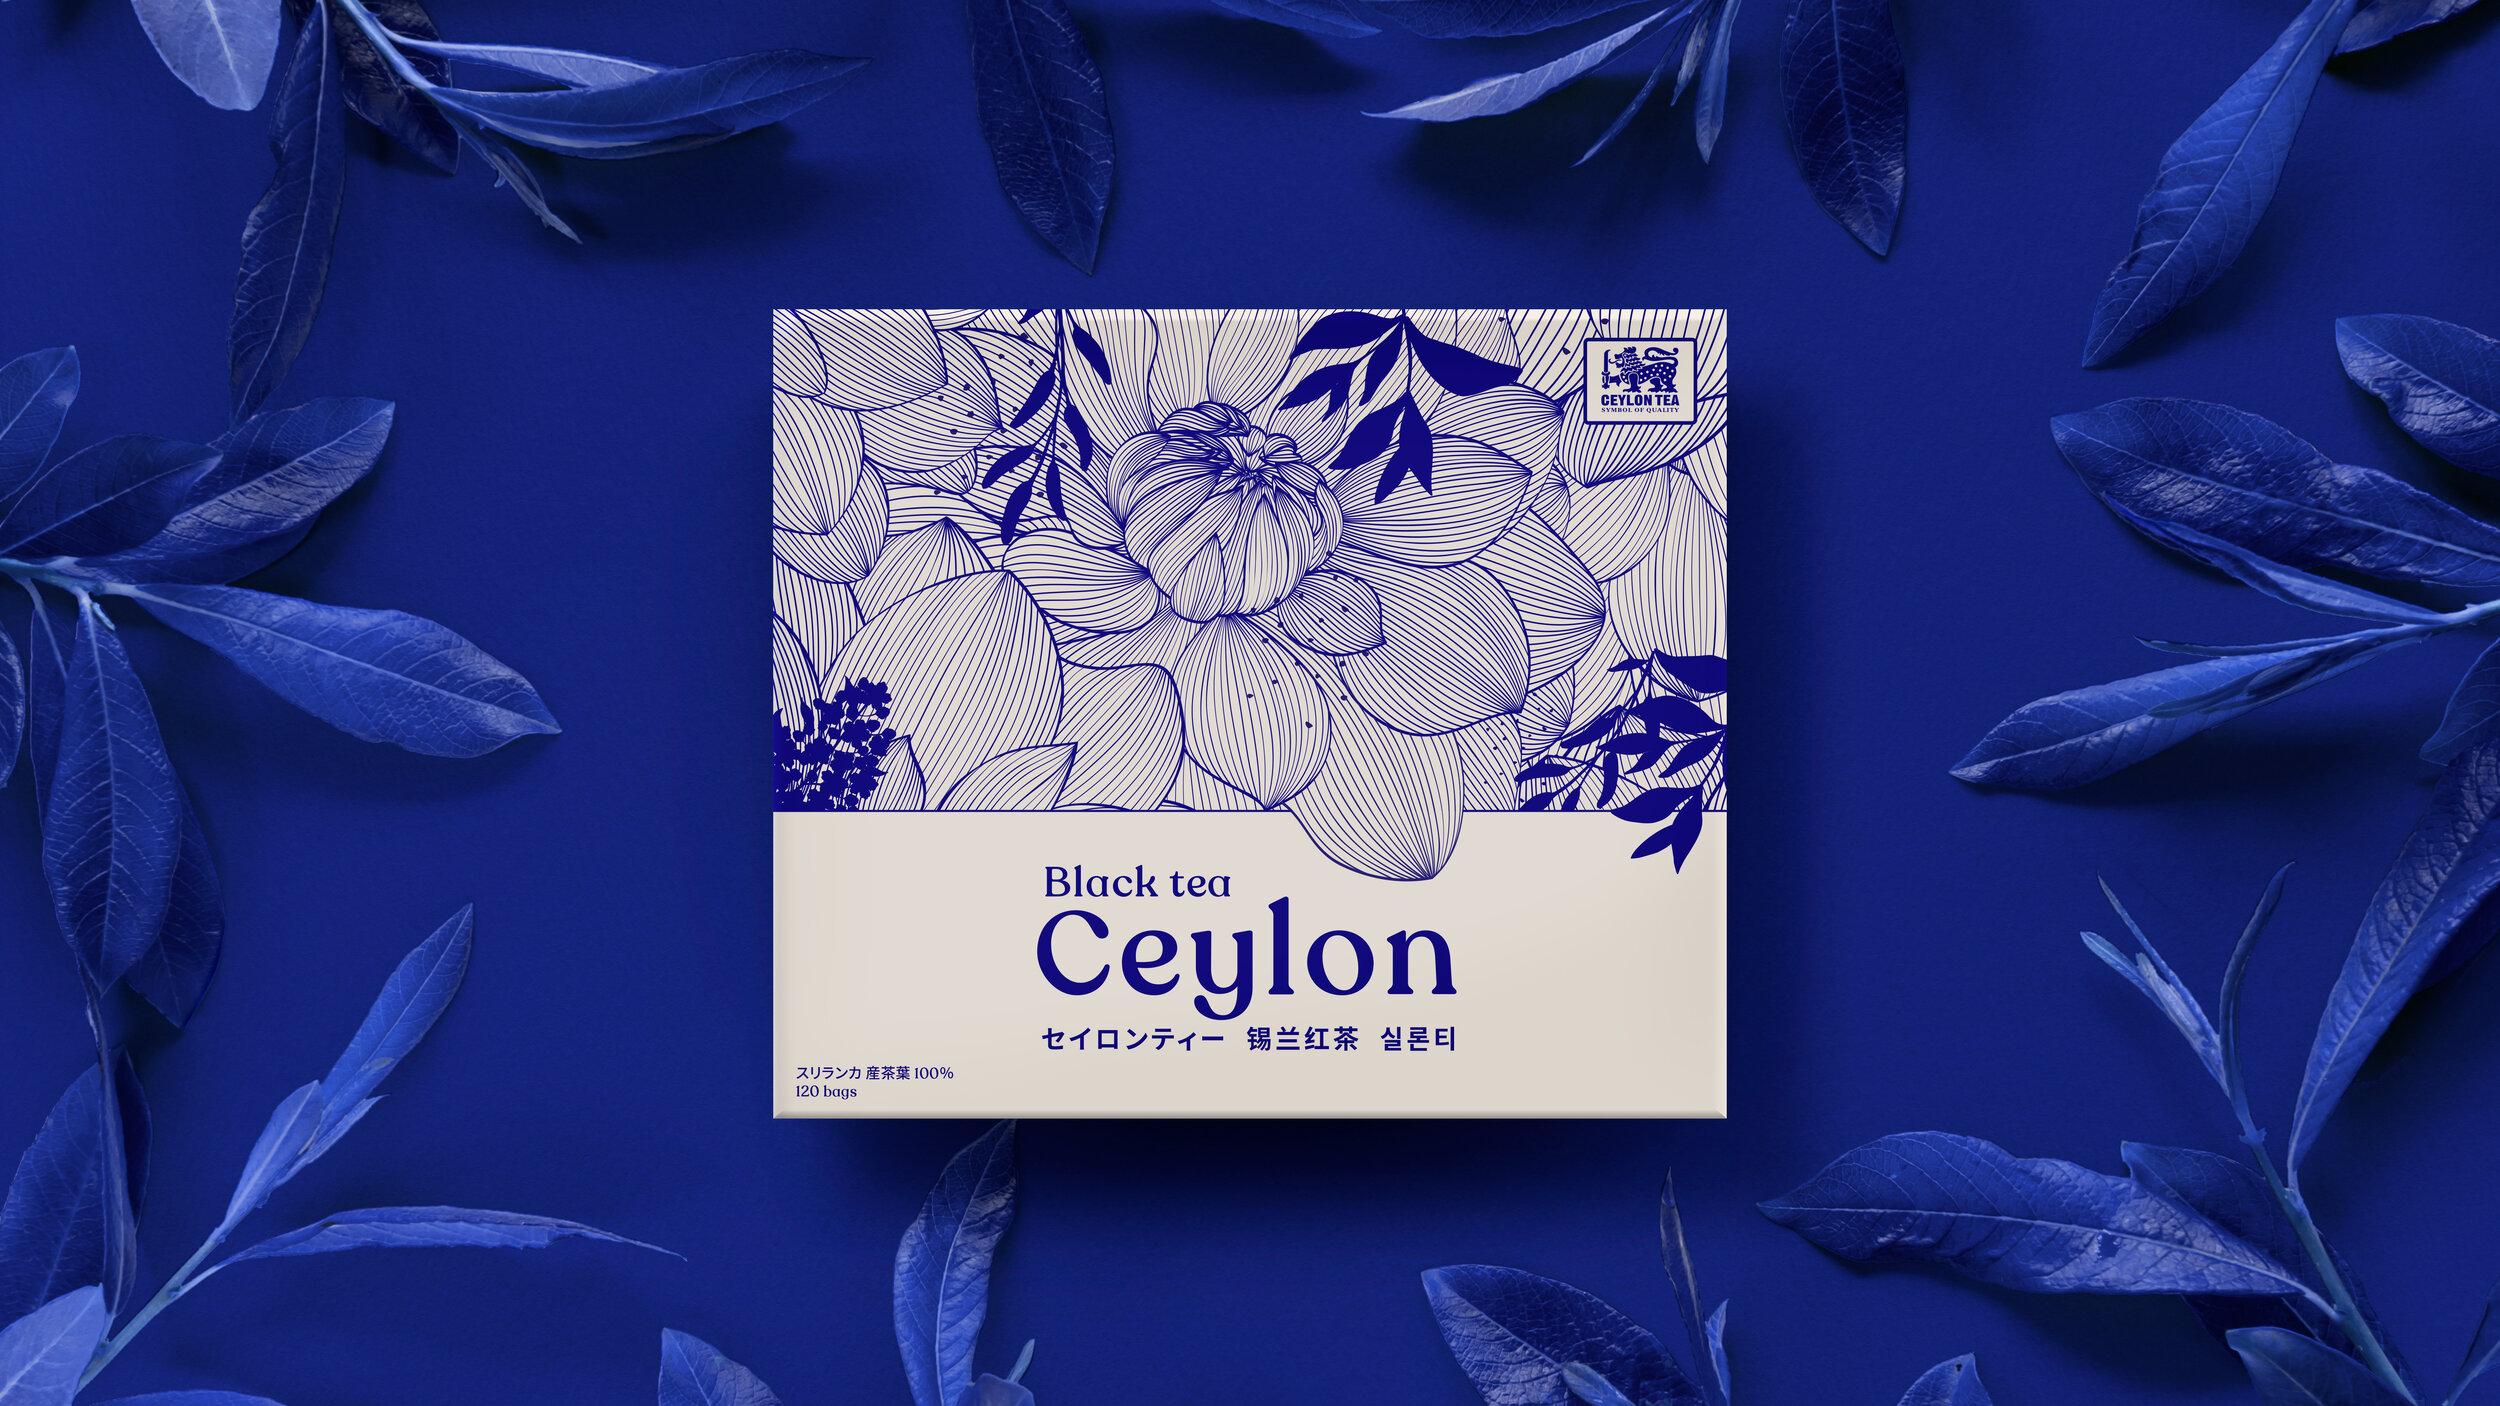 Ceylon Teabox HI (16-9).jpg